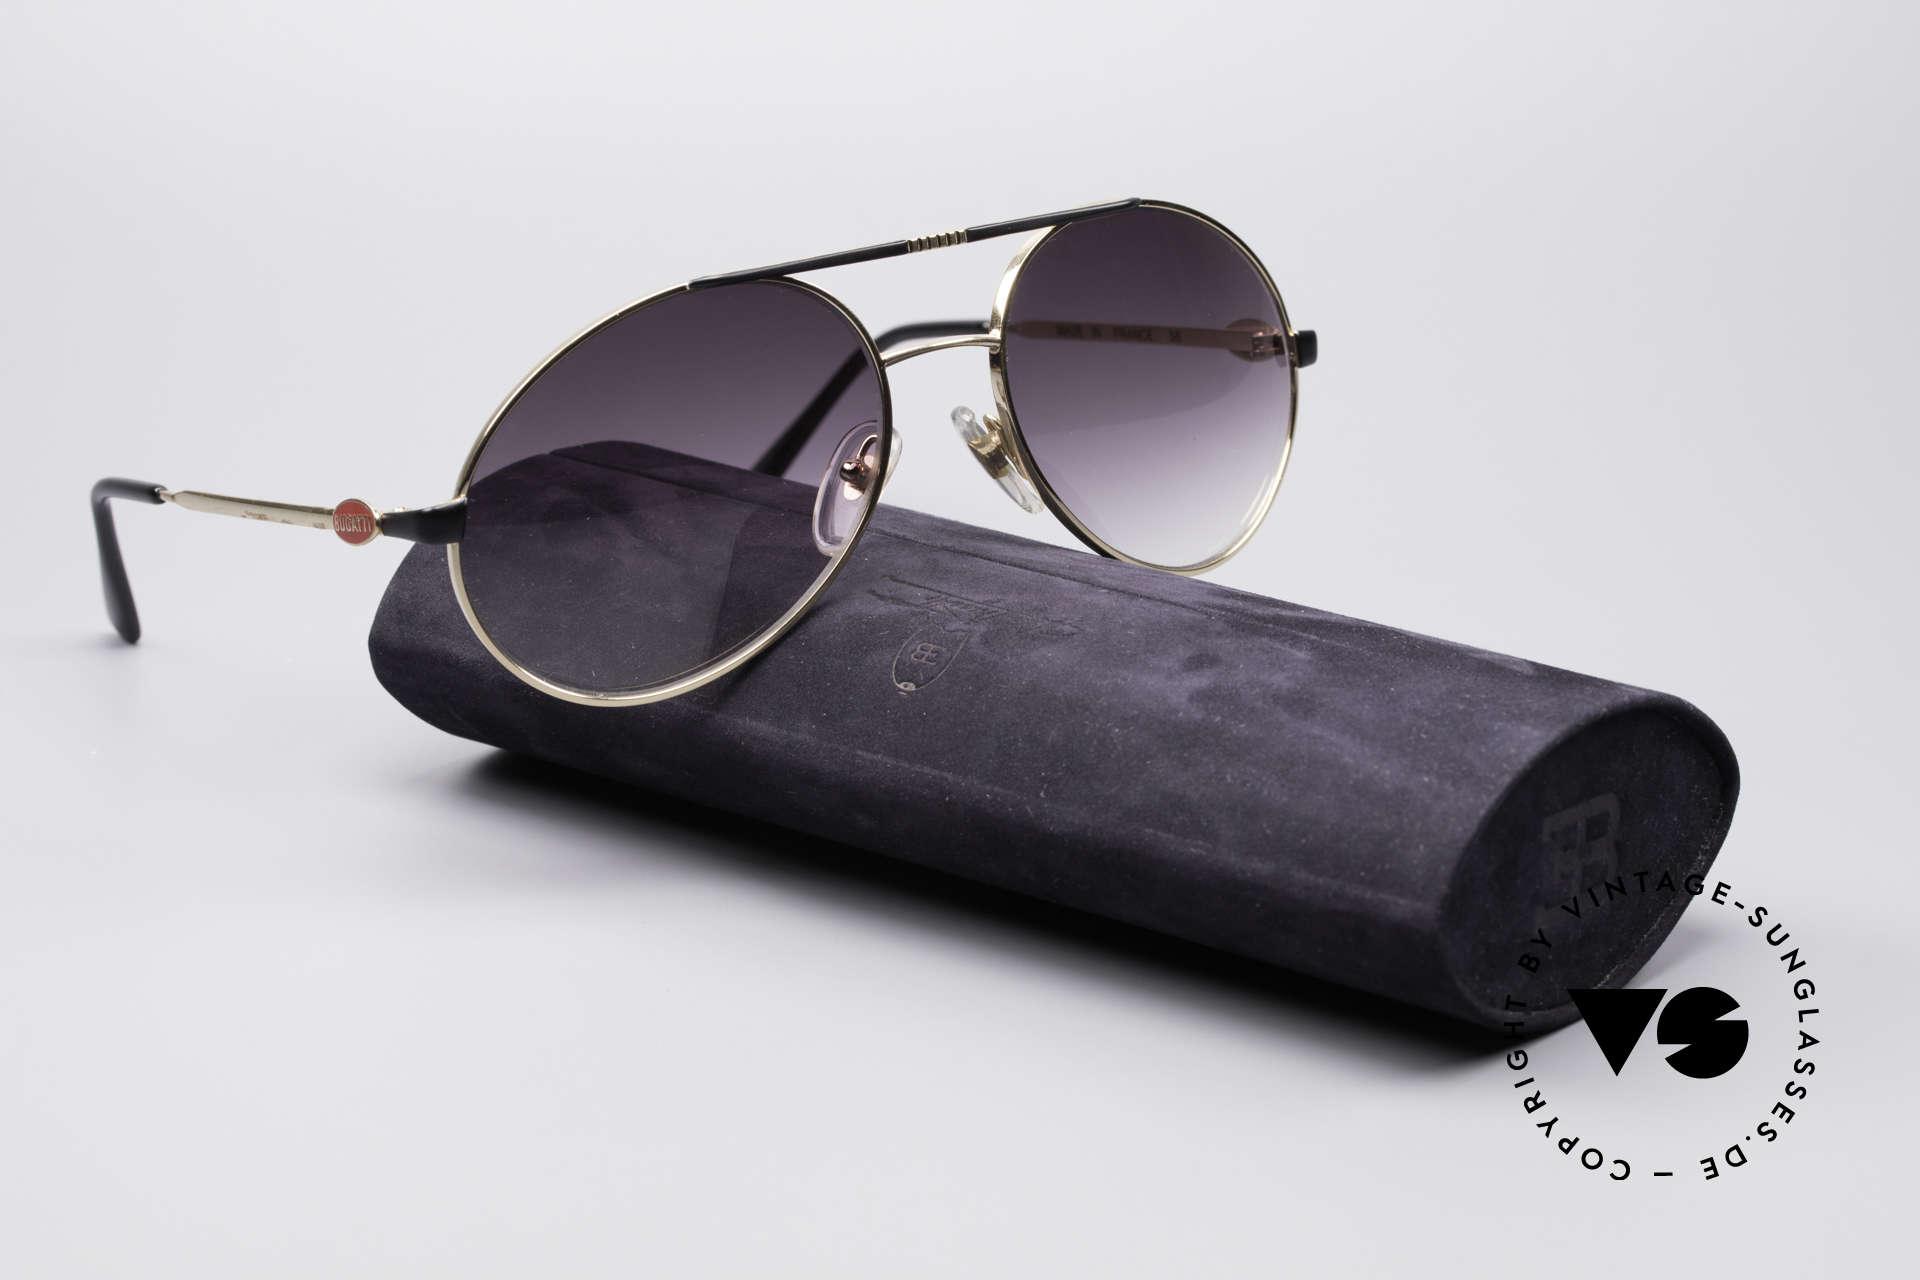 Bugatti 65837 80's Designer Sunglasses, NO RETRO sunglasses, but a rare 30 years old Original, Made for Men